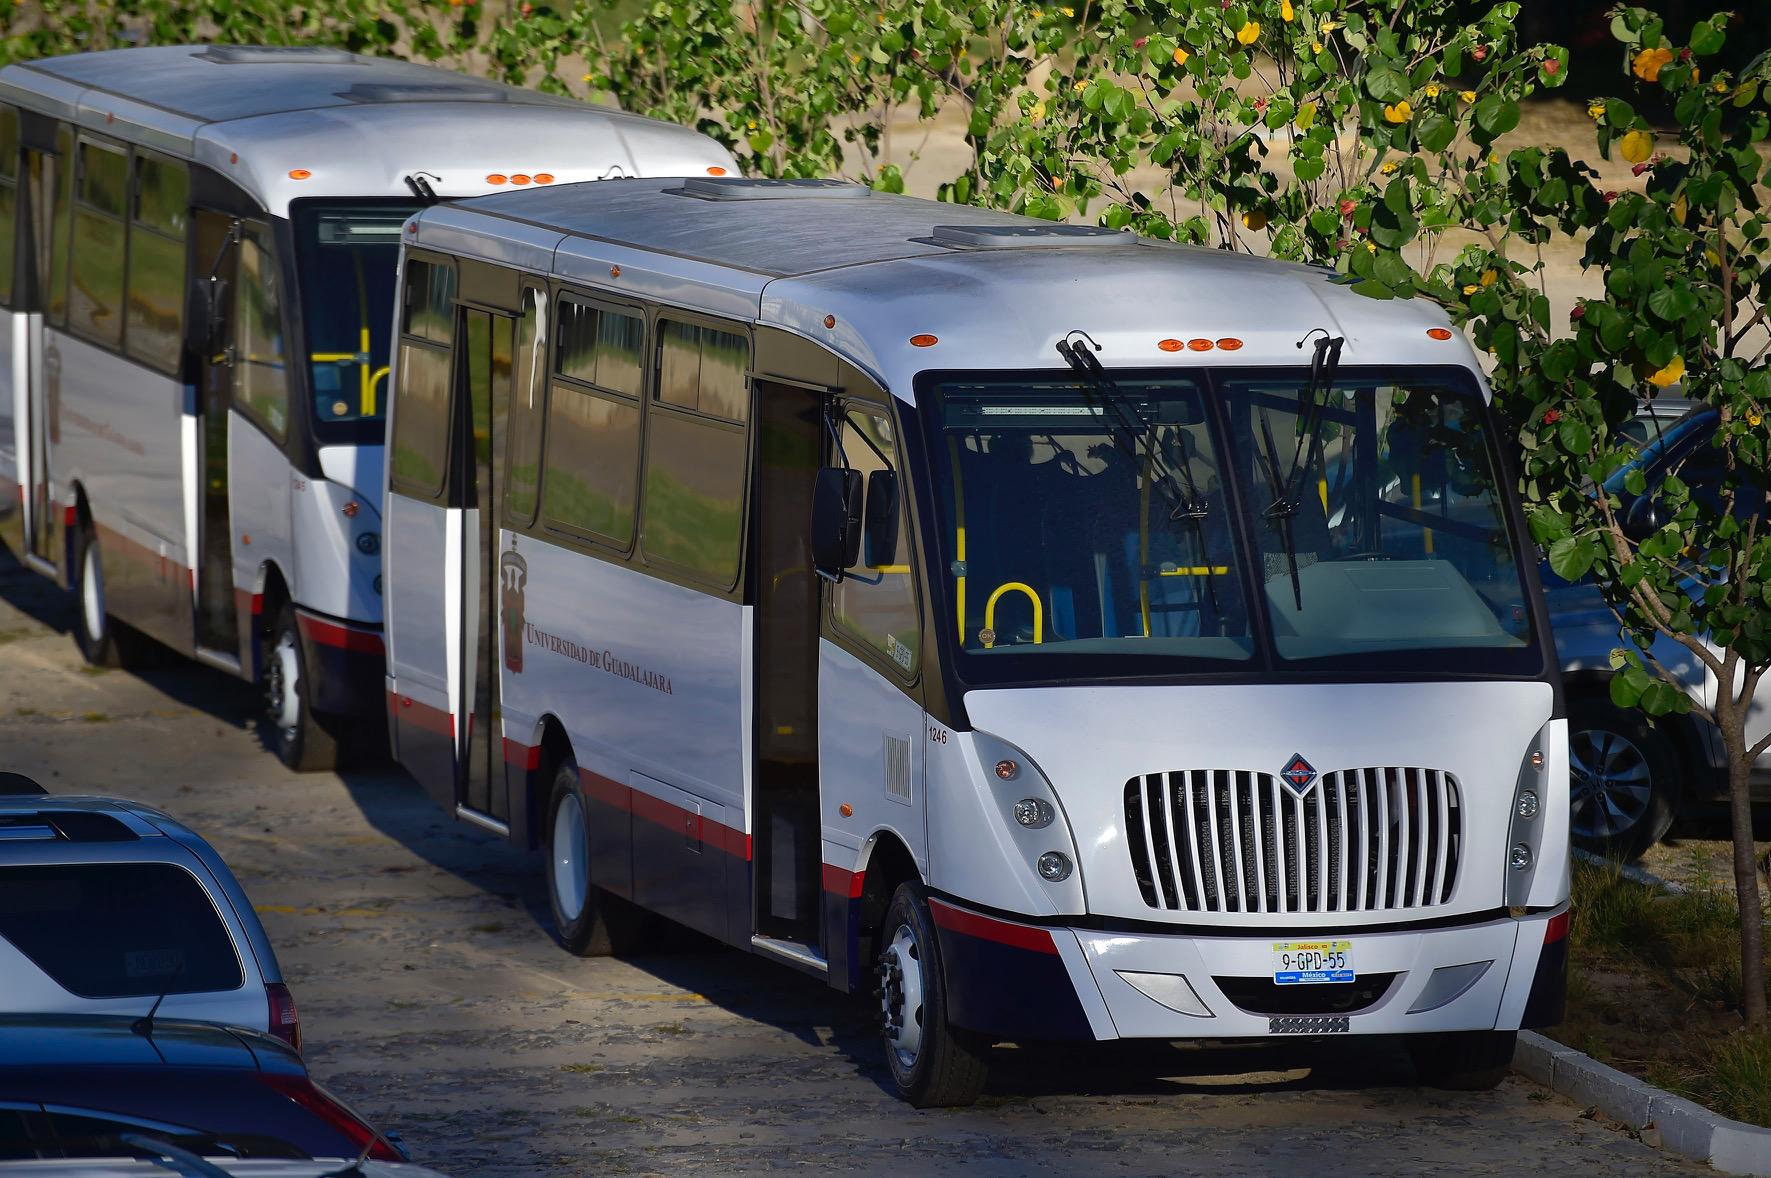 Camiones nuevos de transporte, adquiridos por el CUCBA para trasladar a personal administrativo, profesores y estudiantes